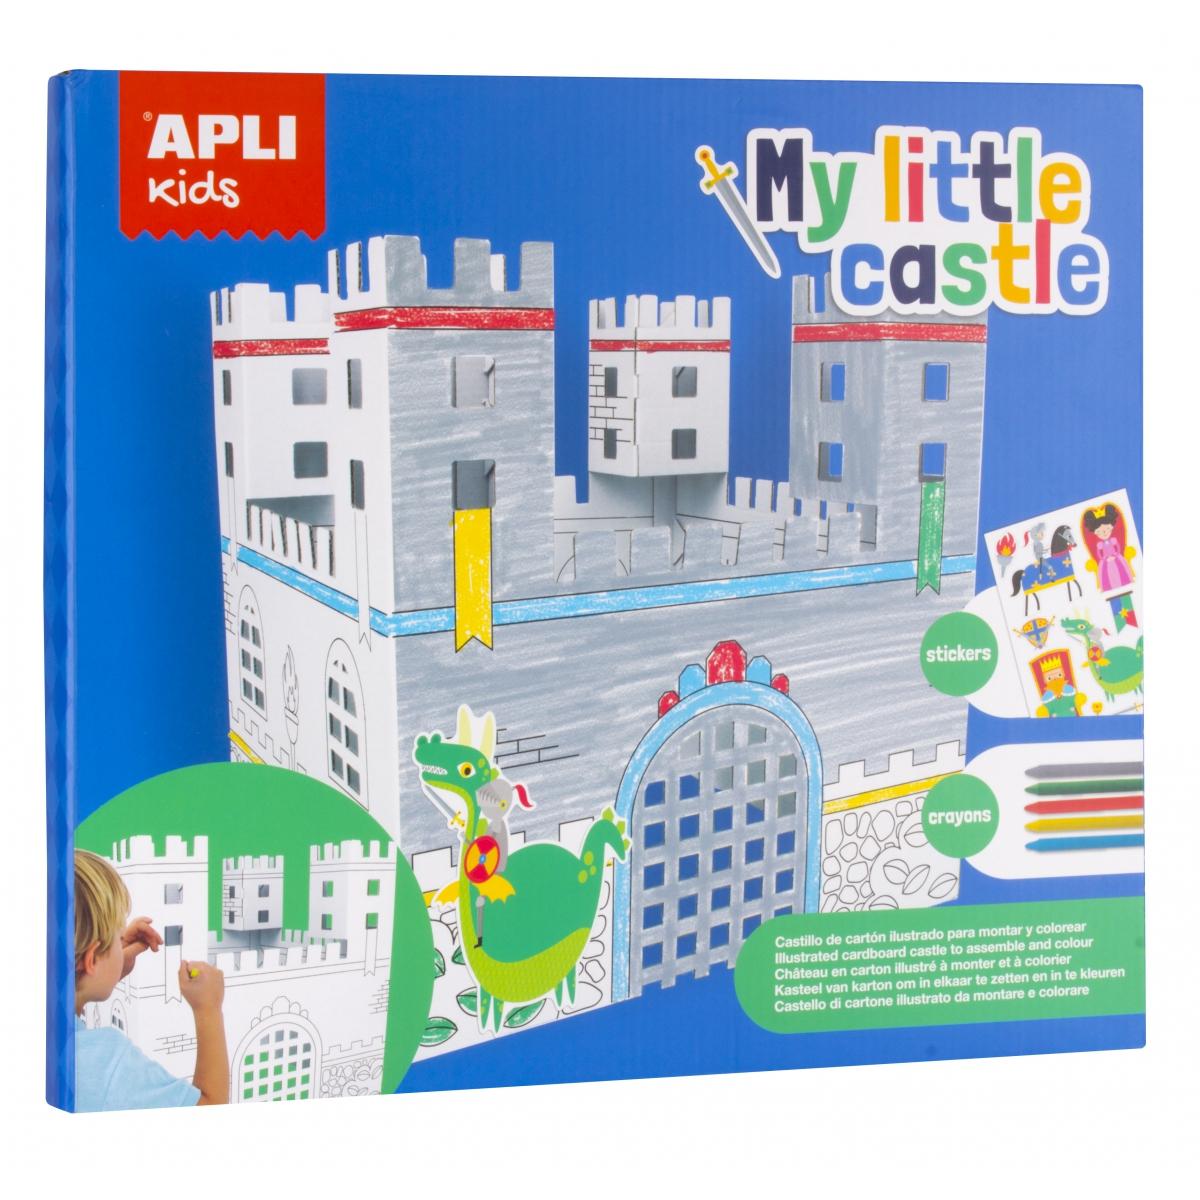 Kartonowy zamek do złożenia i pokolowania | Apli Kids